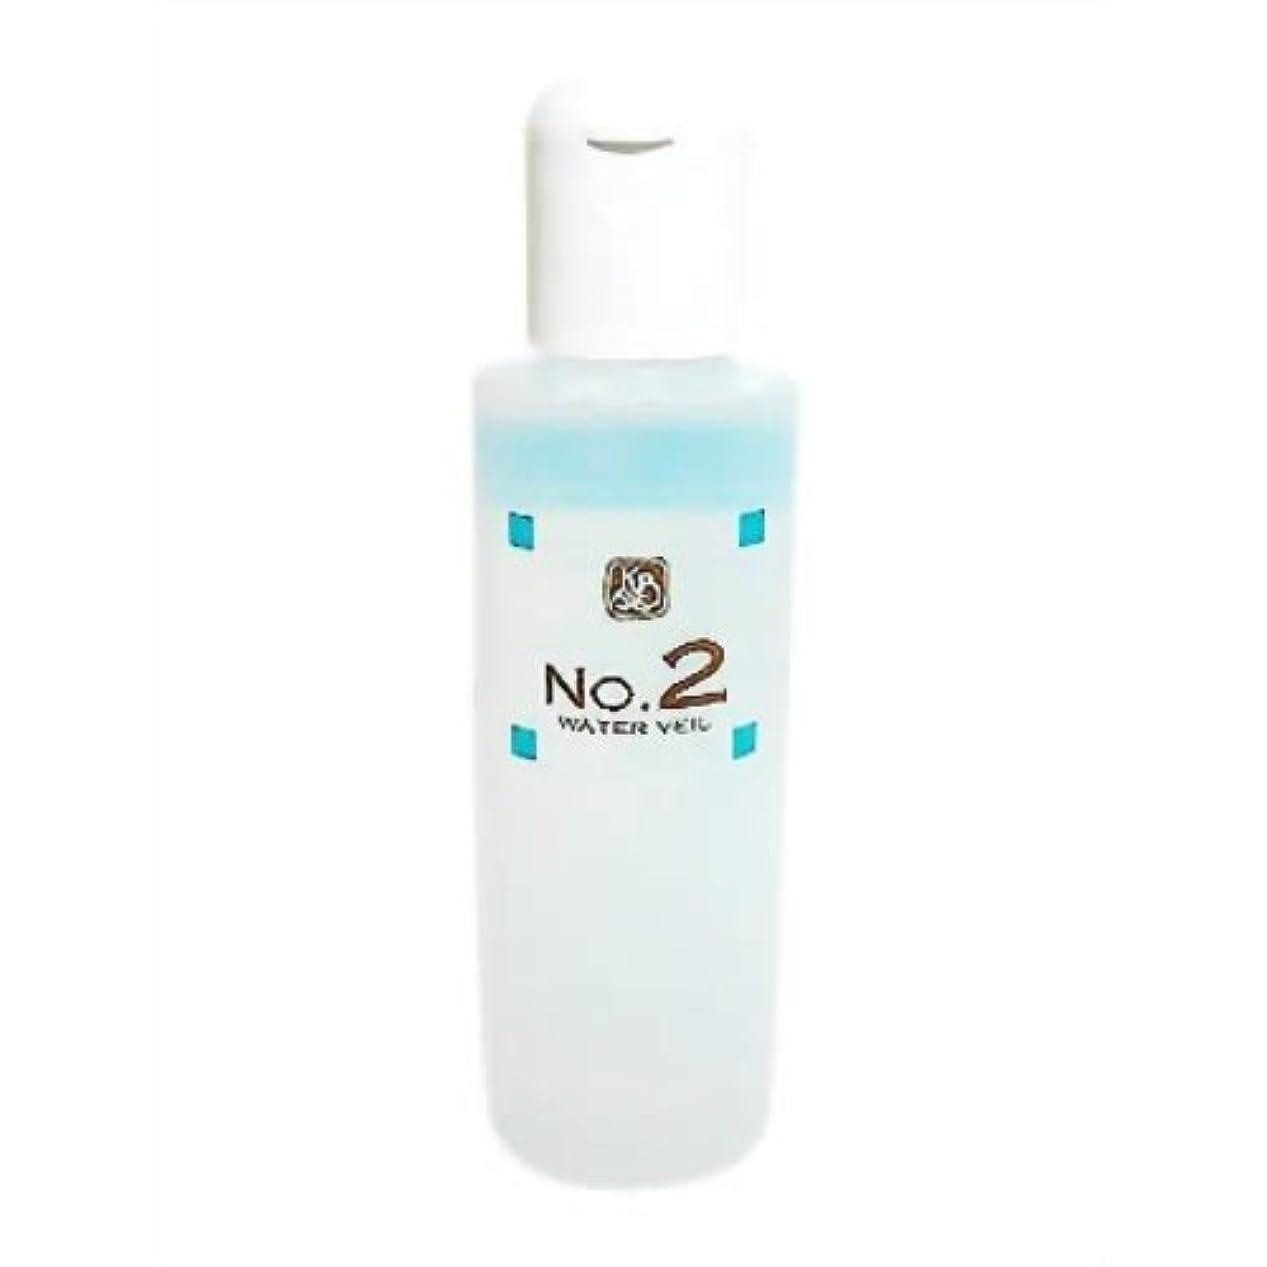 二年生廃棄する広告顔を洗う水シリーズ No.2 250ml